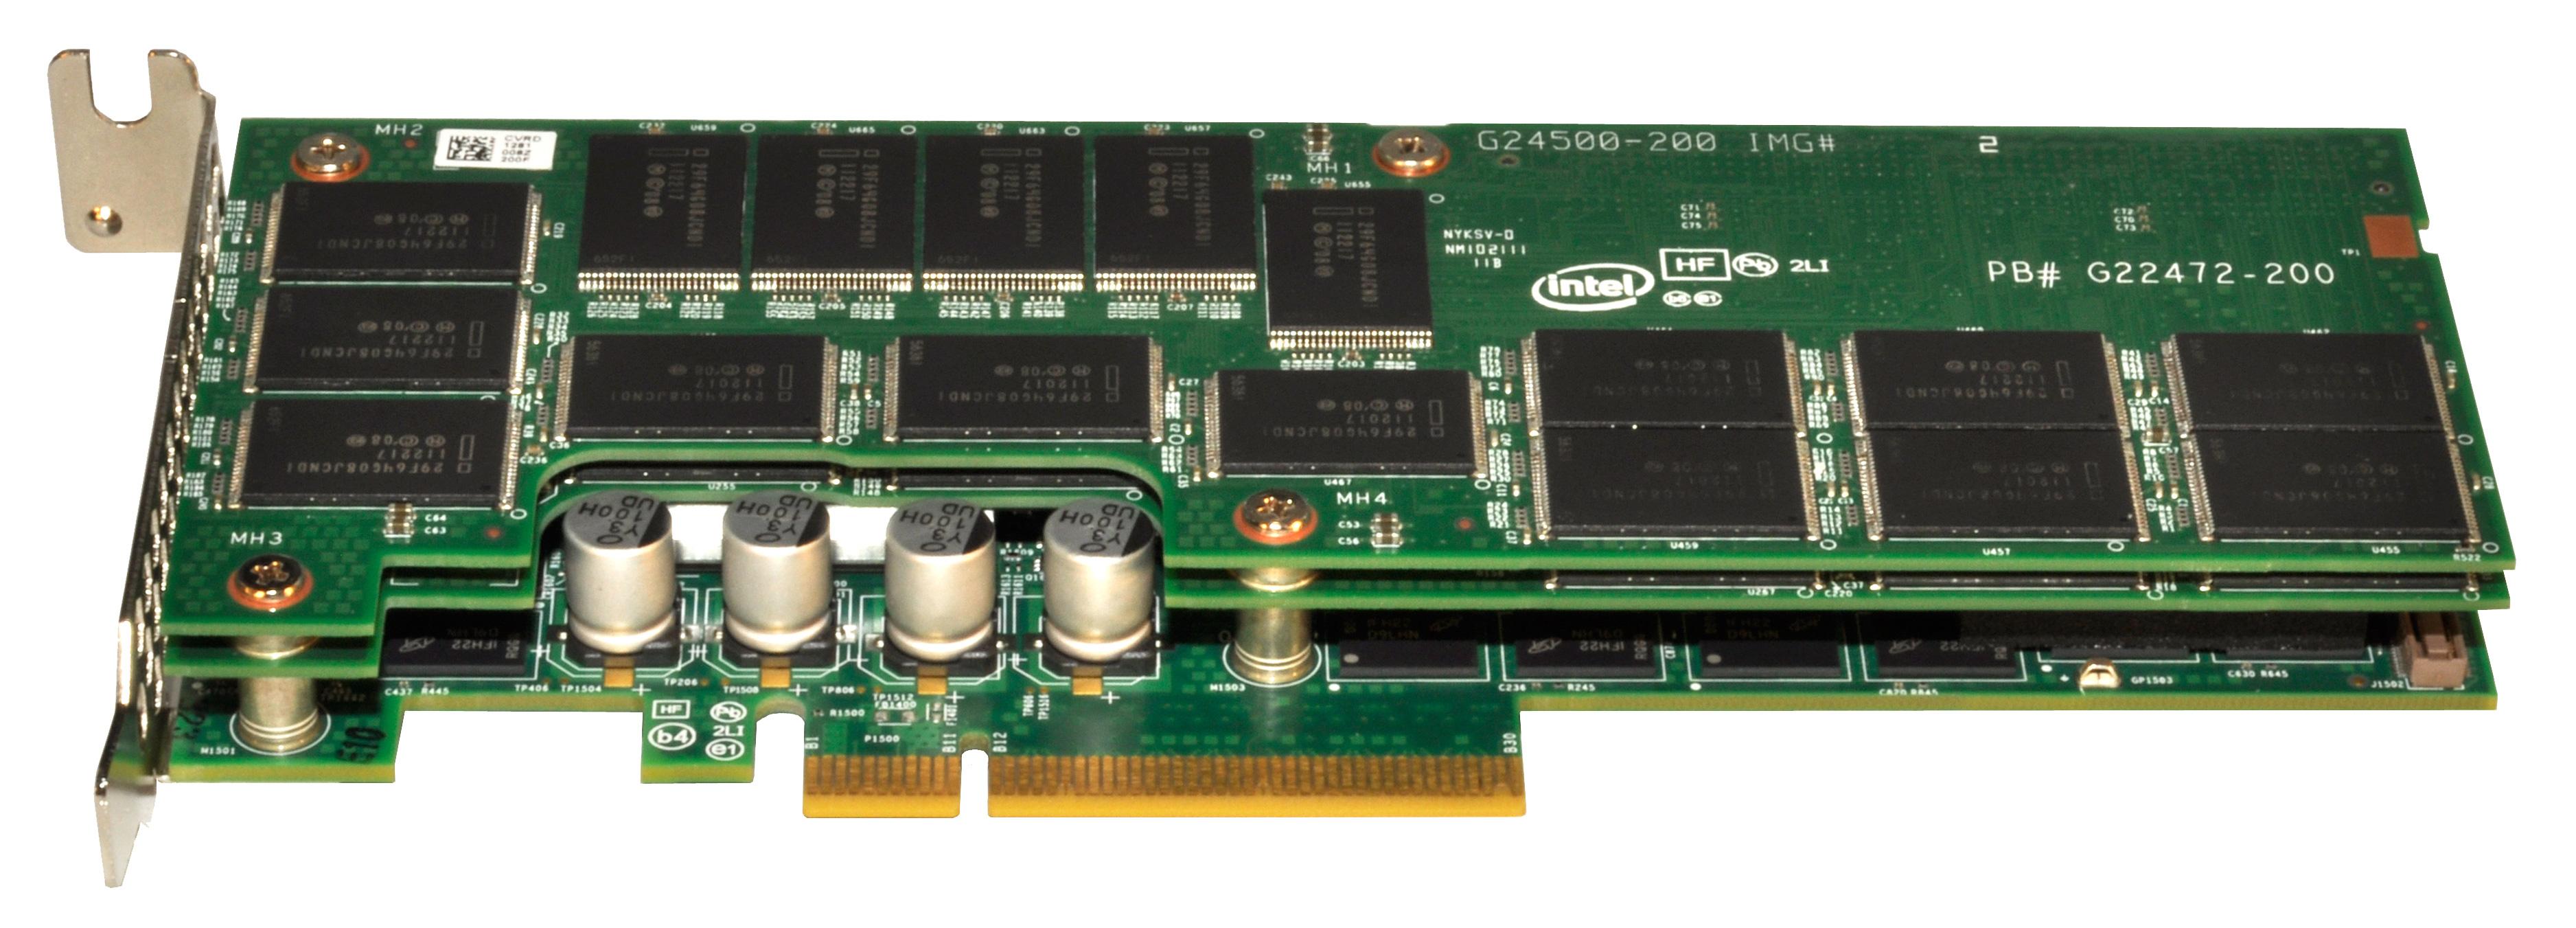 Intel Ssd Pcie Intel's Ssd 910